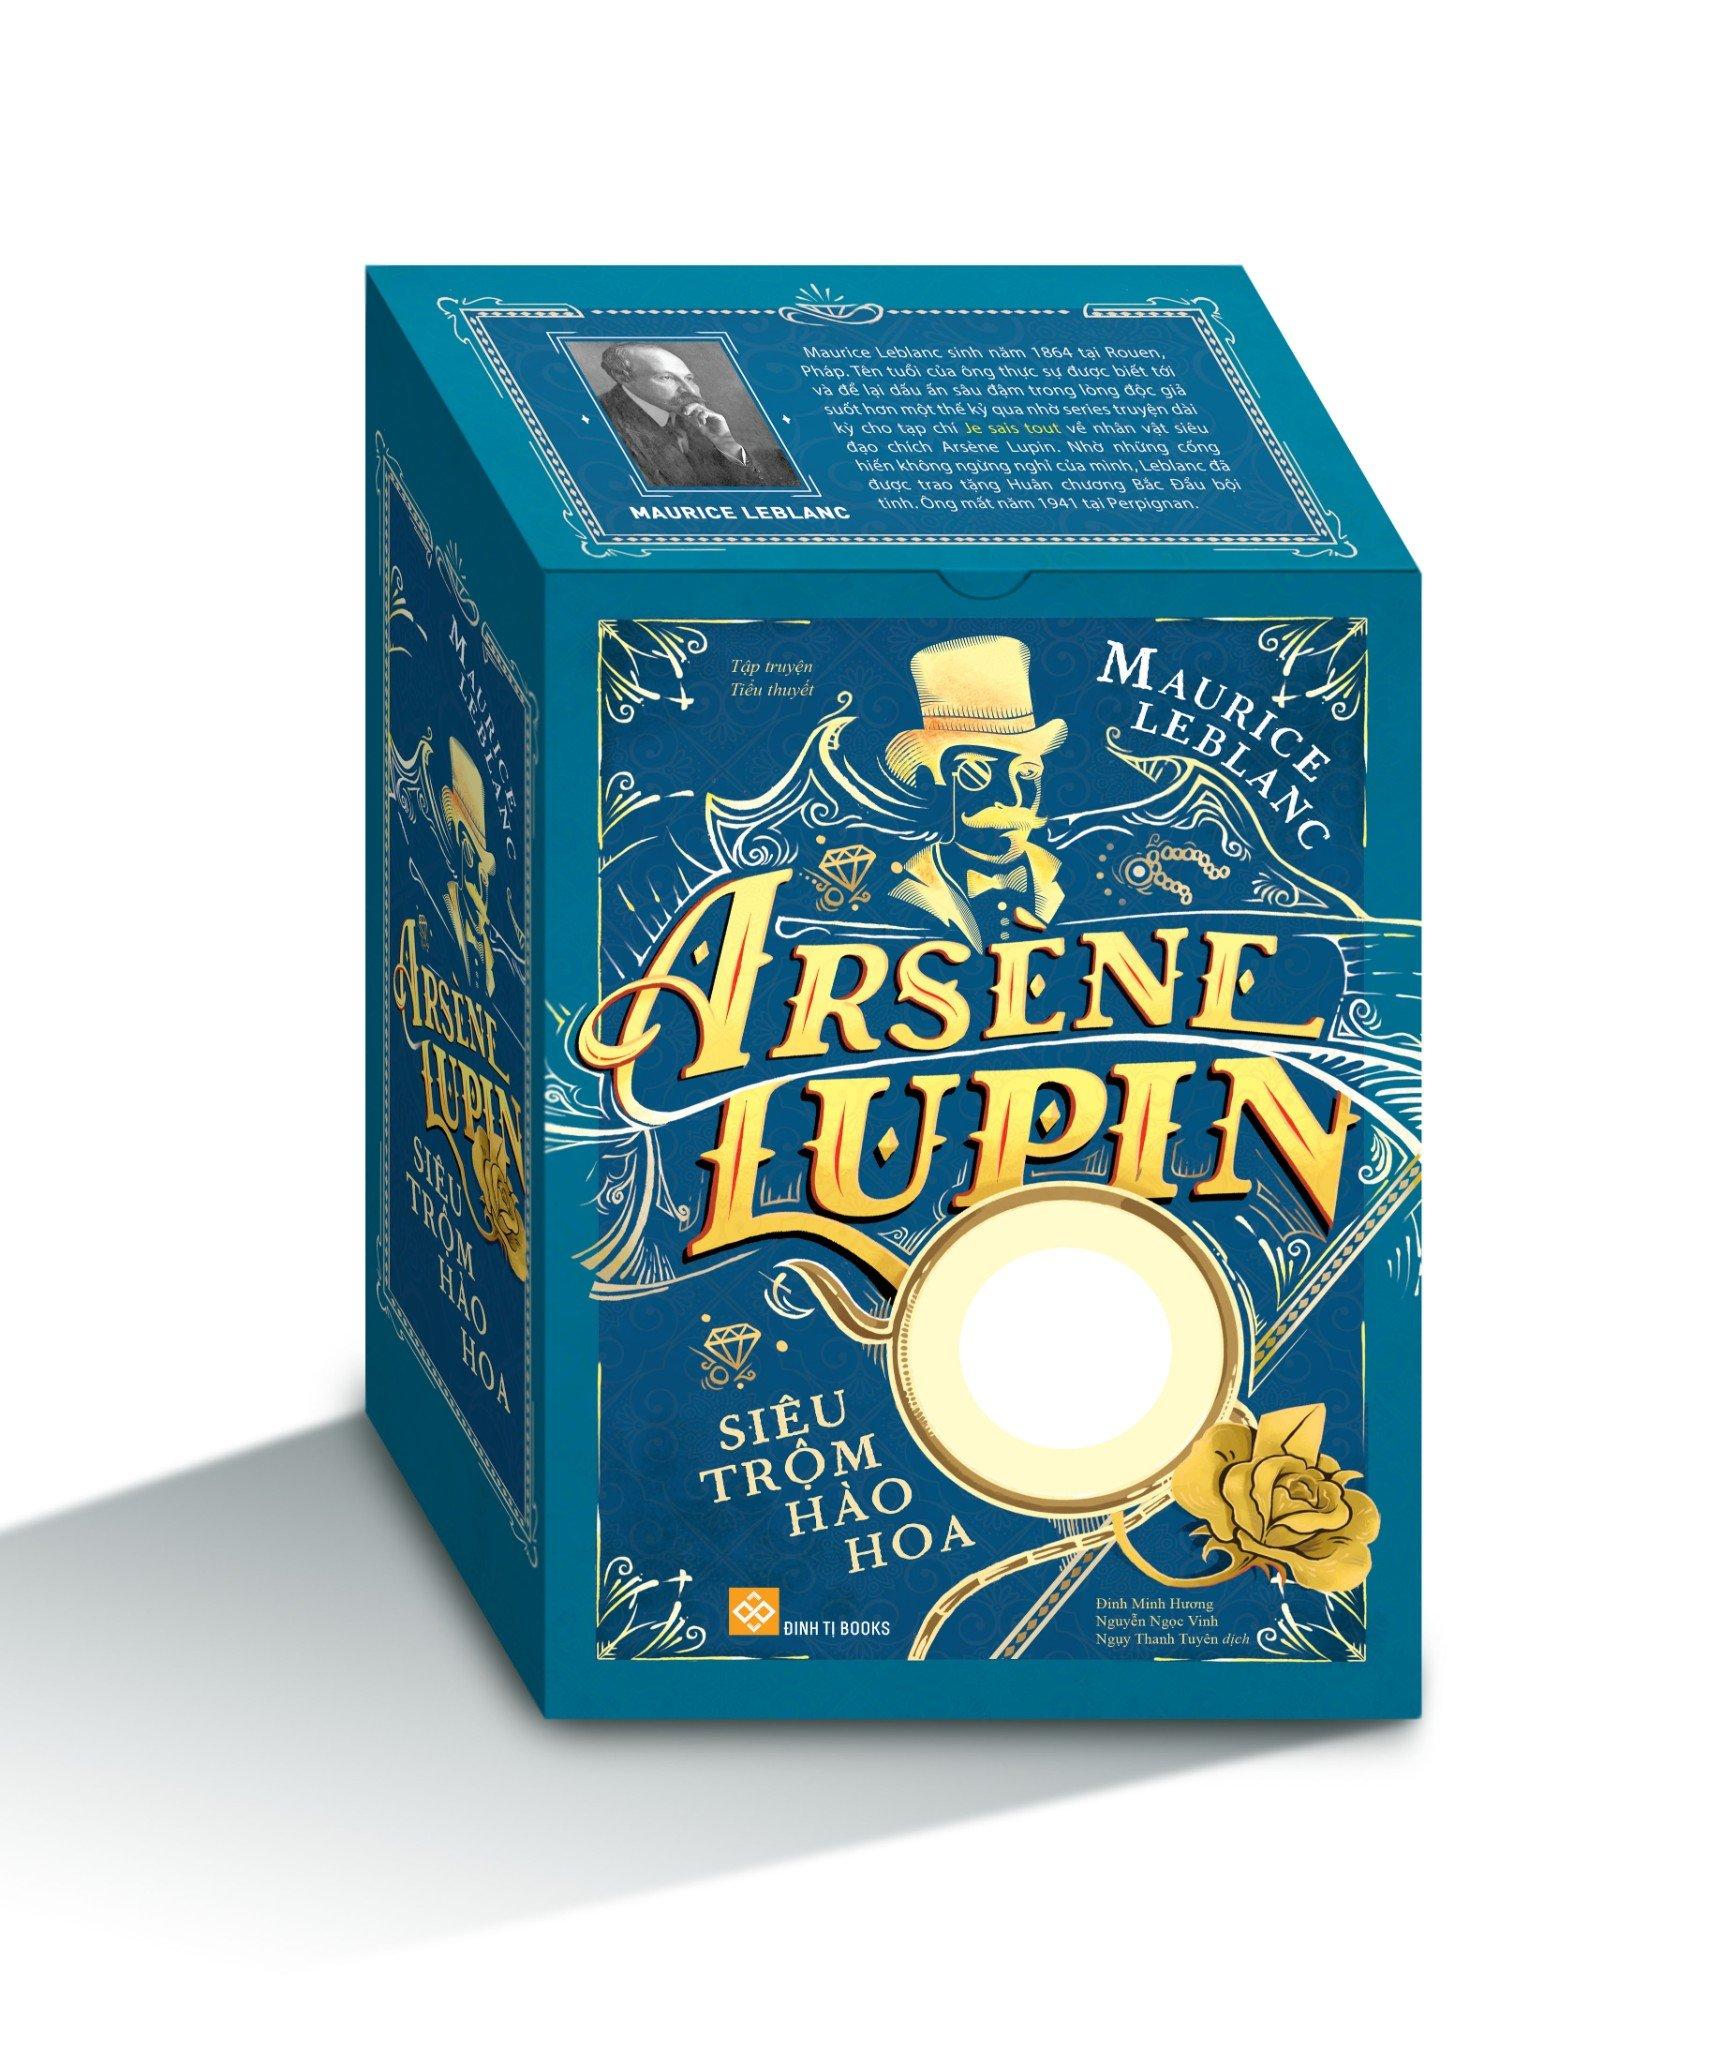 Box set Arsène Lupin - Siêu trộm hào hoa (trọn bộ 5 cuốn) (Tặng kèm kính lúp)